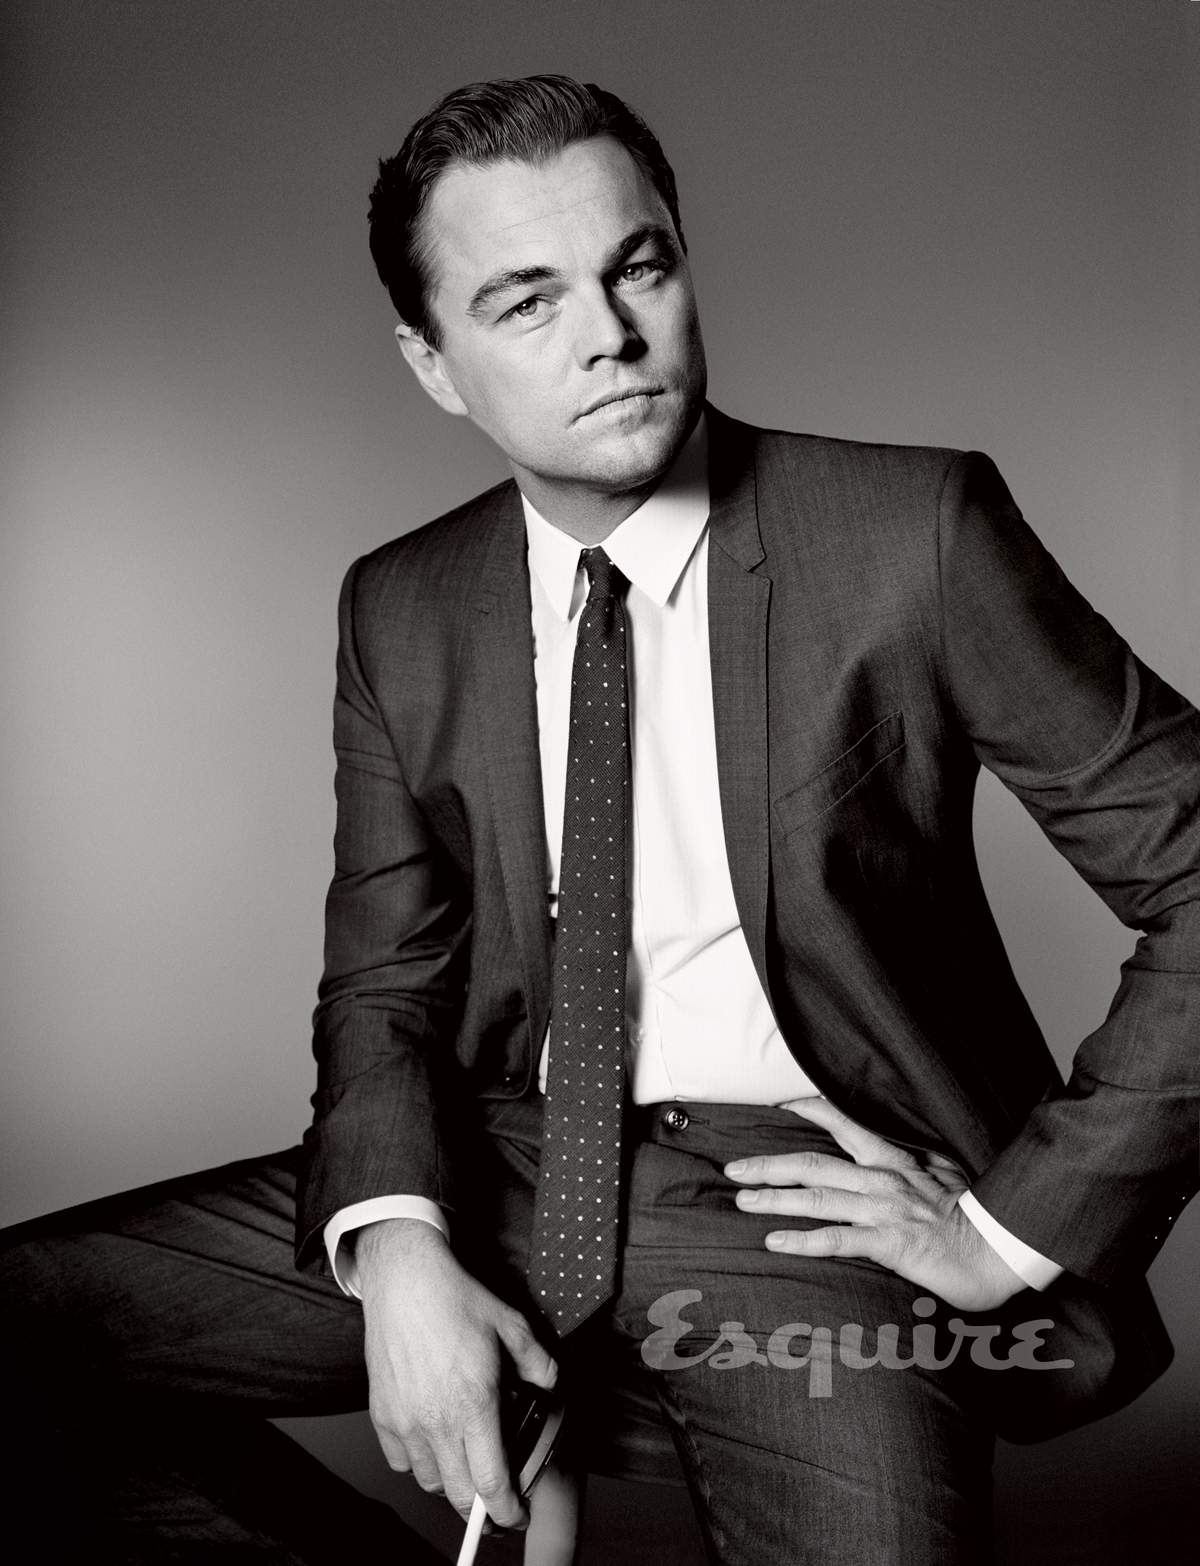 Leonardo DiCaprio Just... Leonardo Dicaprio